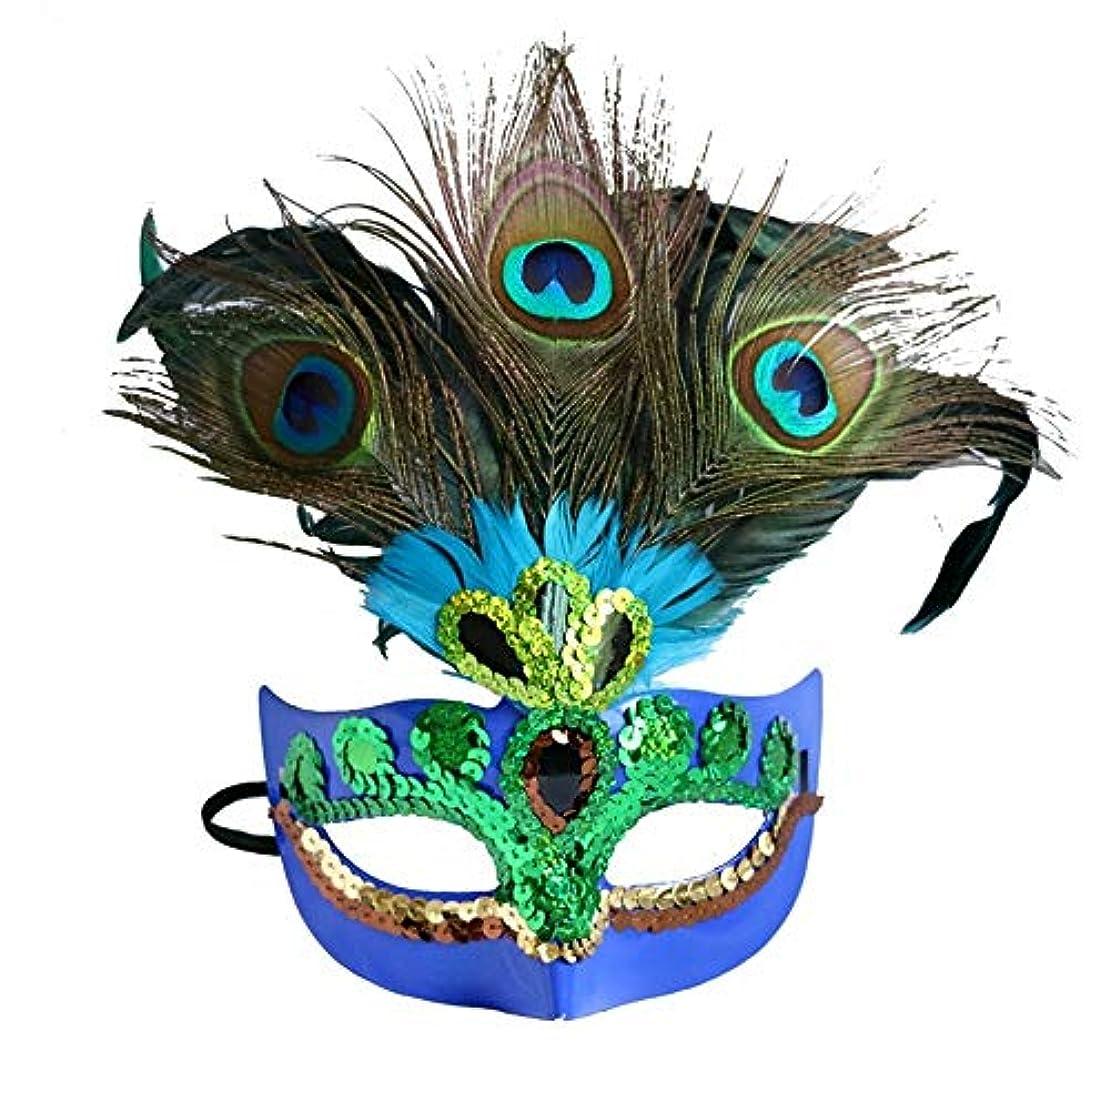 賭け有毒な保持ダンスマスク 仮面舞踏会マスククジャクの羽パーティー衣装ハロウィンマスクボール目猫女性マスクハーフマスク パーティーボールマスク (色 : 青, サイズ : 18x25cm)